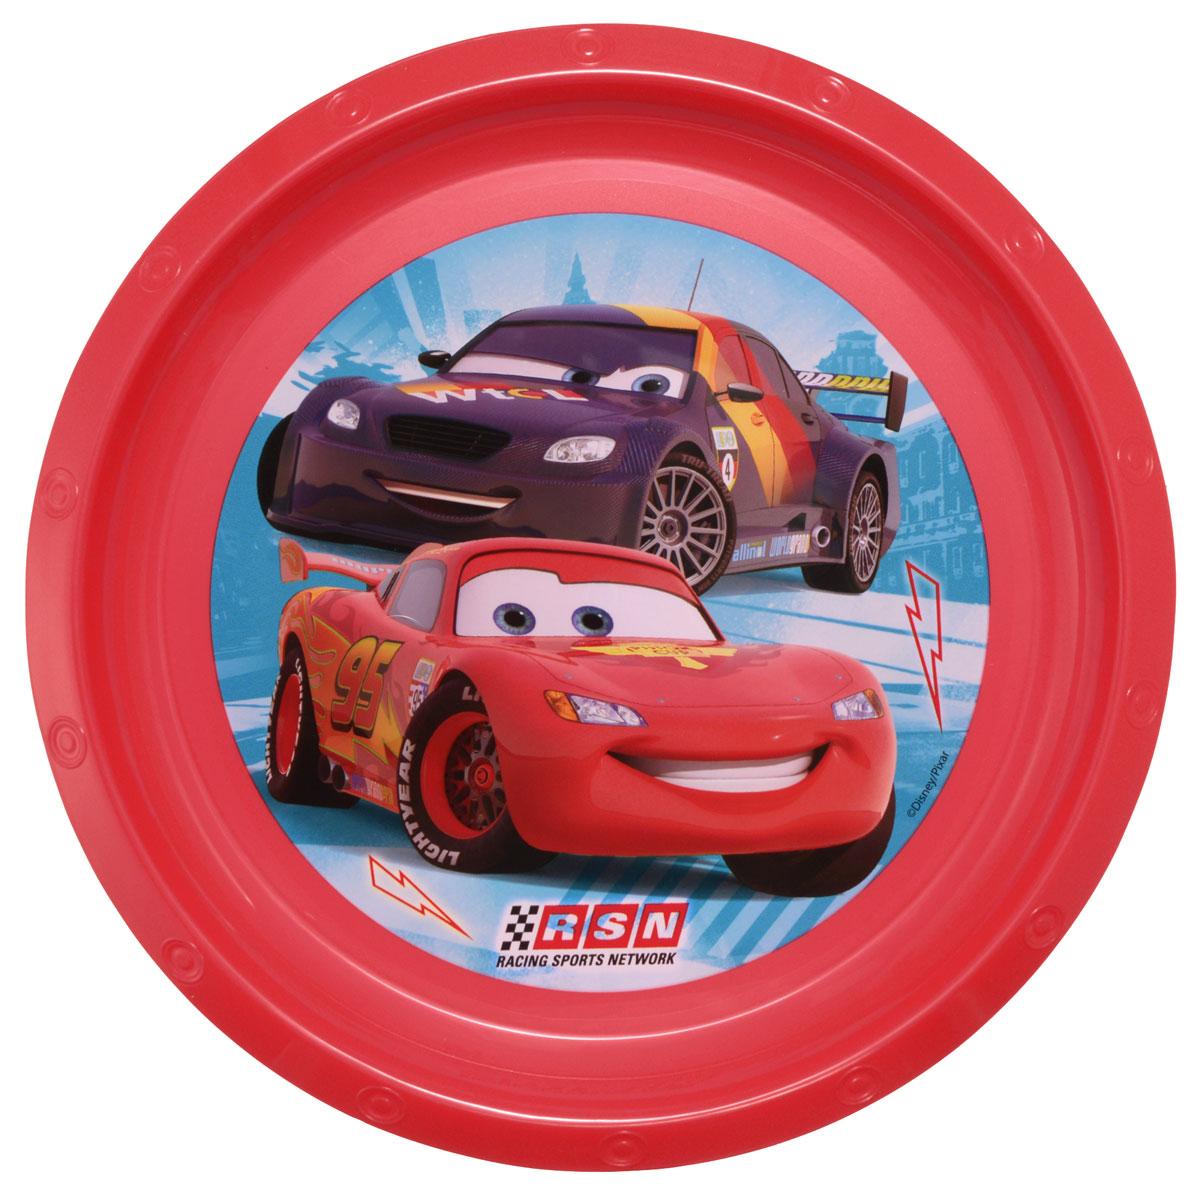 Disney Тарелка детская Тачки диаметр 21,5 см115510Яркая тарелка Disney Тачки идеально подойдет для кормления малыша и самостоятельного приема им пищи. Тарелка выполнена из безопасного полипропилена, дно оформлено высококачественным изображением героев мультфильма Тачки.Такой подарок станет не только приятным, но и практичным сувениром, добавит ярких эмоций вашему ребенку! Не предназначено для использования в СВЧ-печи и посудомоечной машине.